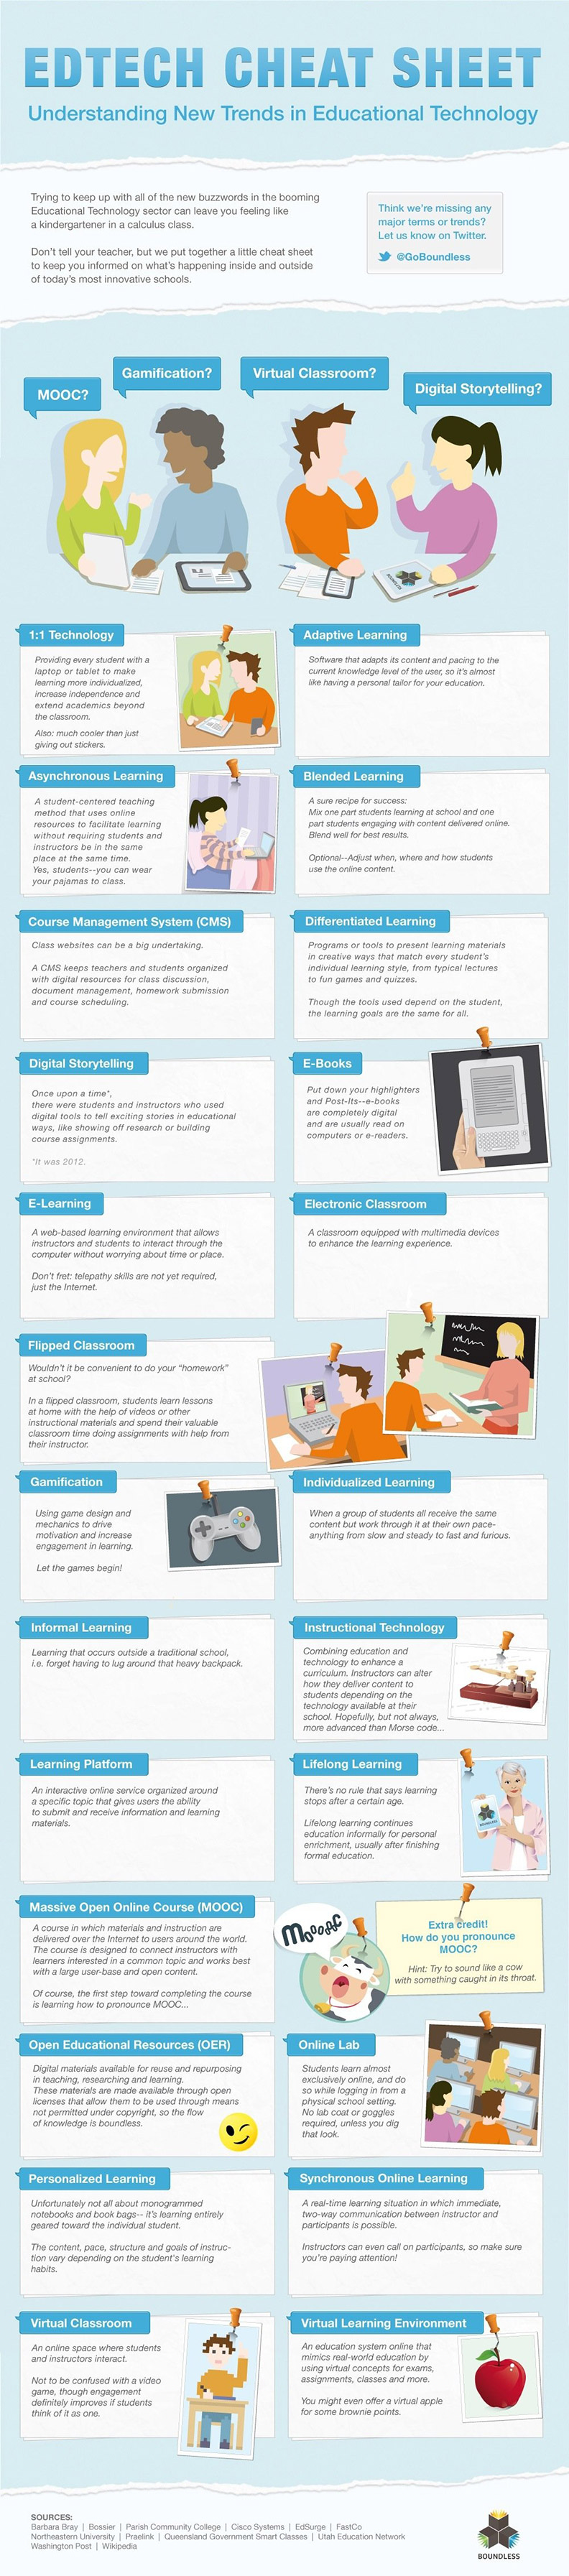 EdTech, Cheat Sheet, Infographic, boundless